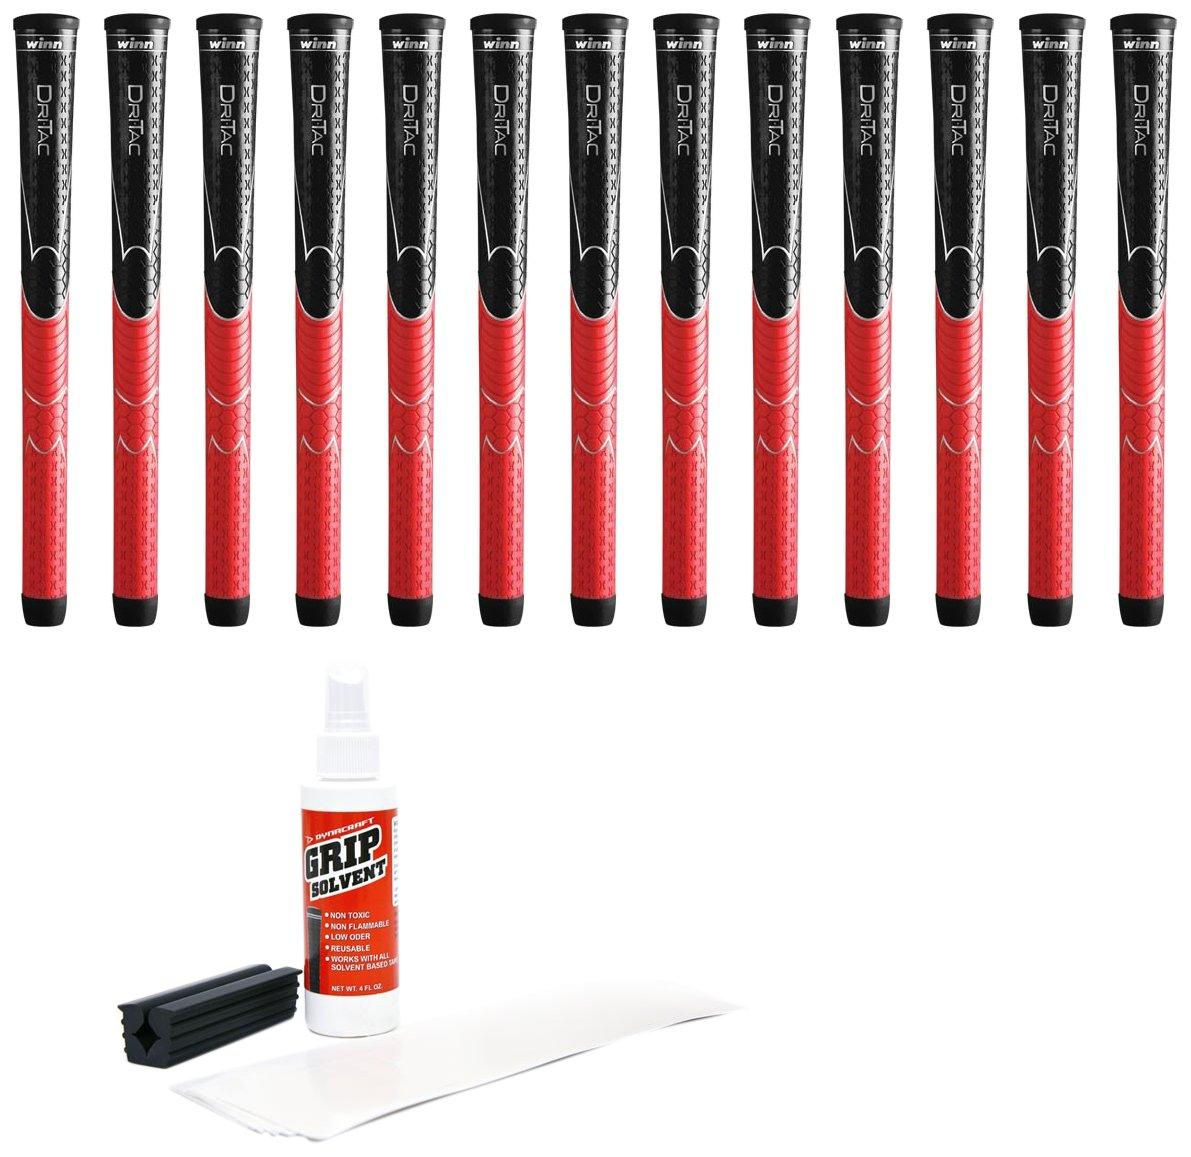 Winn Dri-Tac Standard Grip Kit (13-Piece), Black/Red by Winn